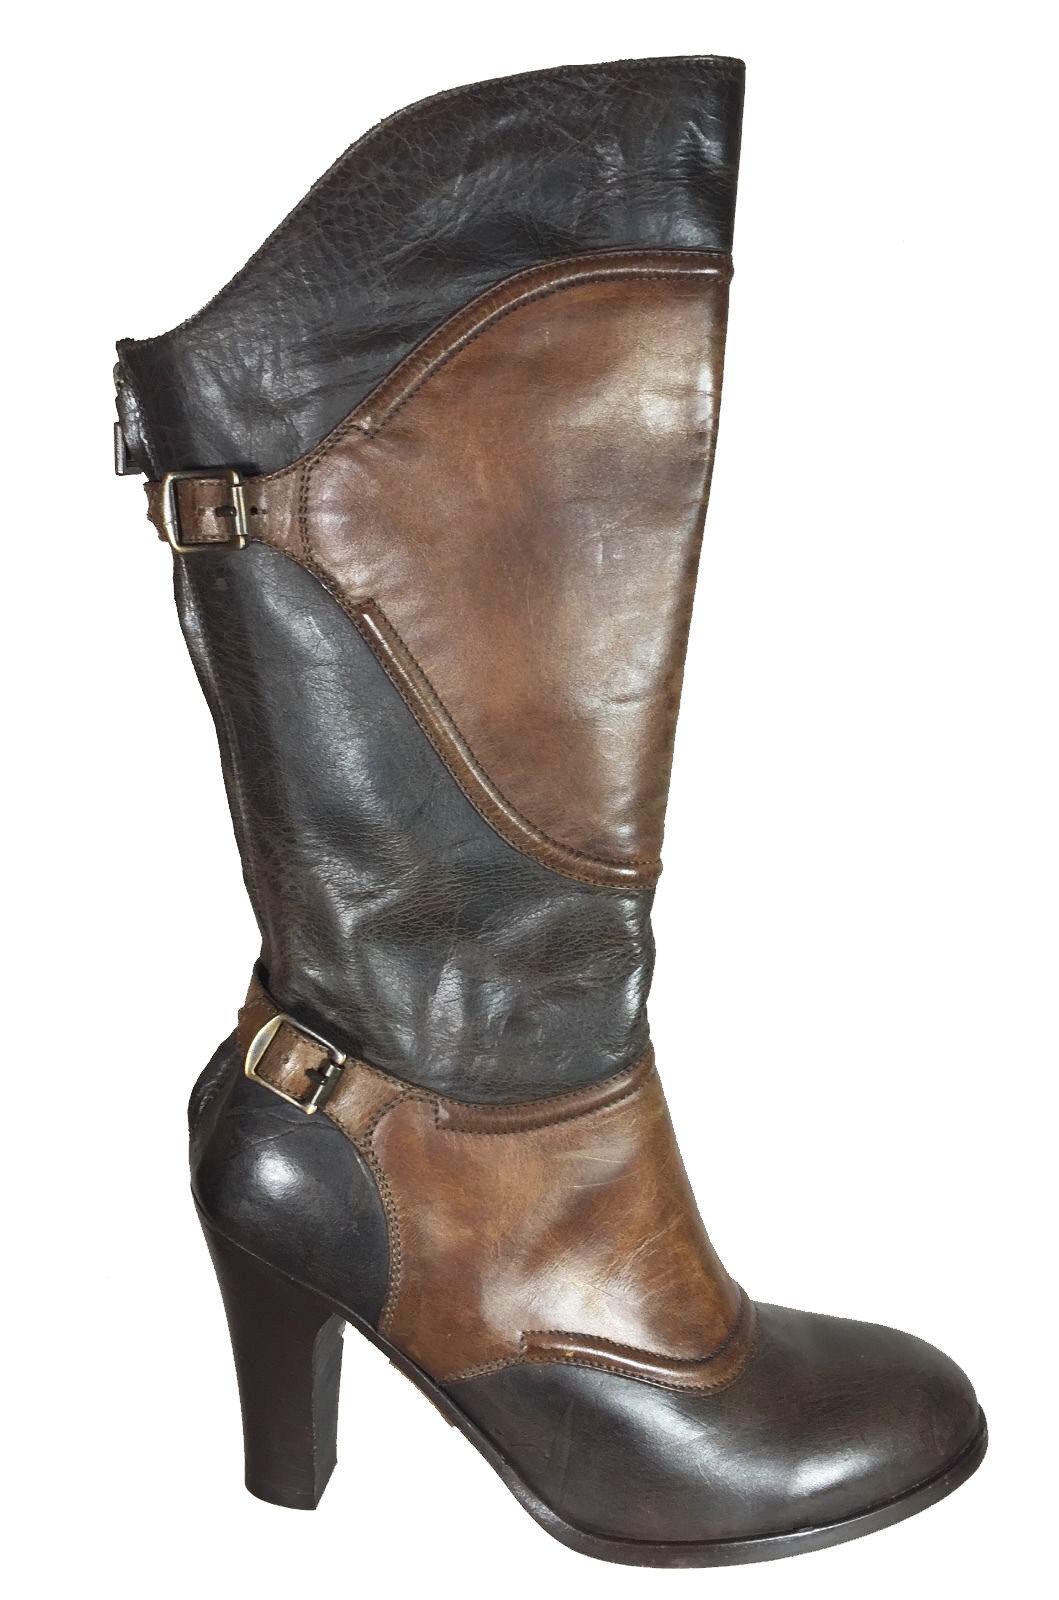 750.00 Authentic Belstaff Skyler Lady Stiefel Schuhe EU Größe 37 Antiqued Leder